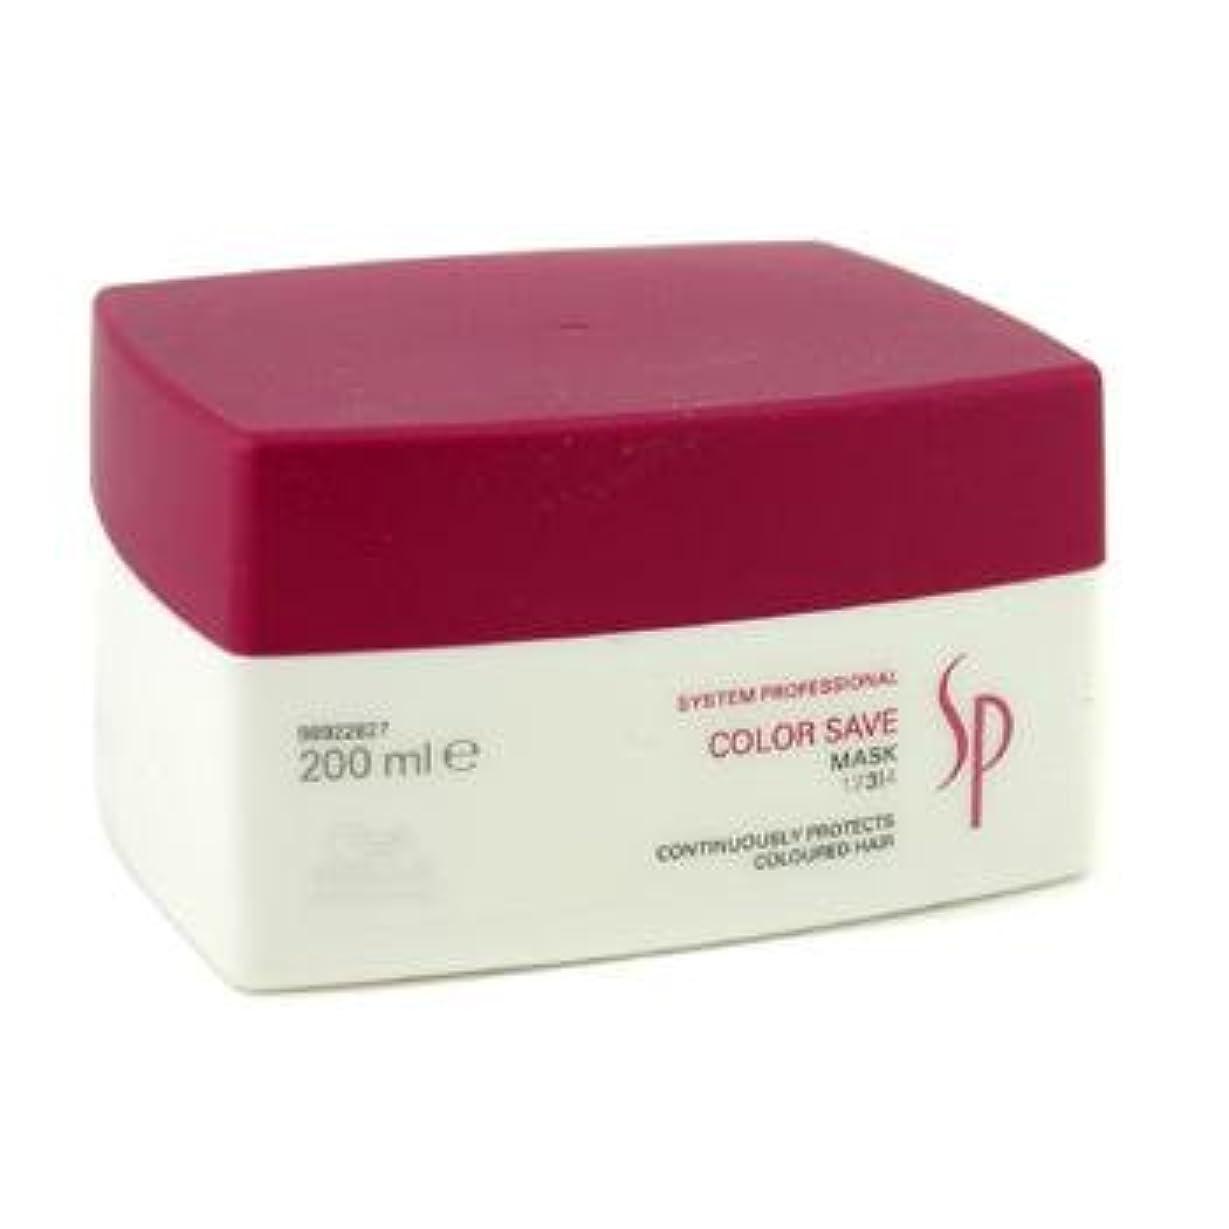 六考古学者溶ける[Wella] SP Color Save Mask ( For Coloured Hair ) 200ml/6.67oz[並行輸入品] [並行輸入品]